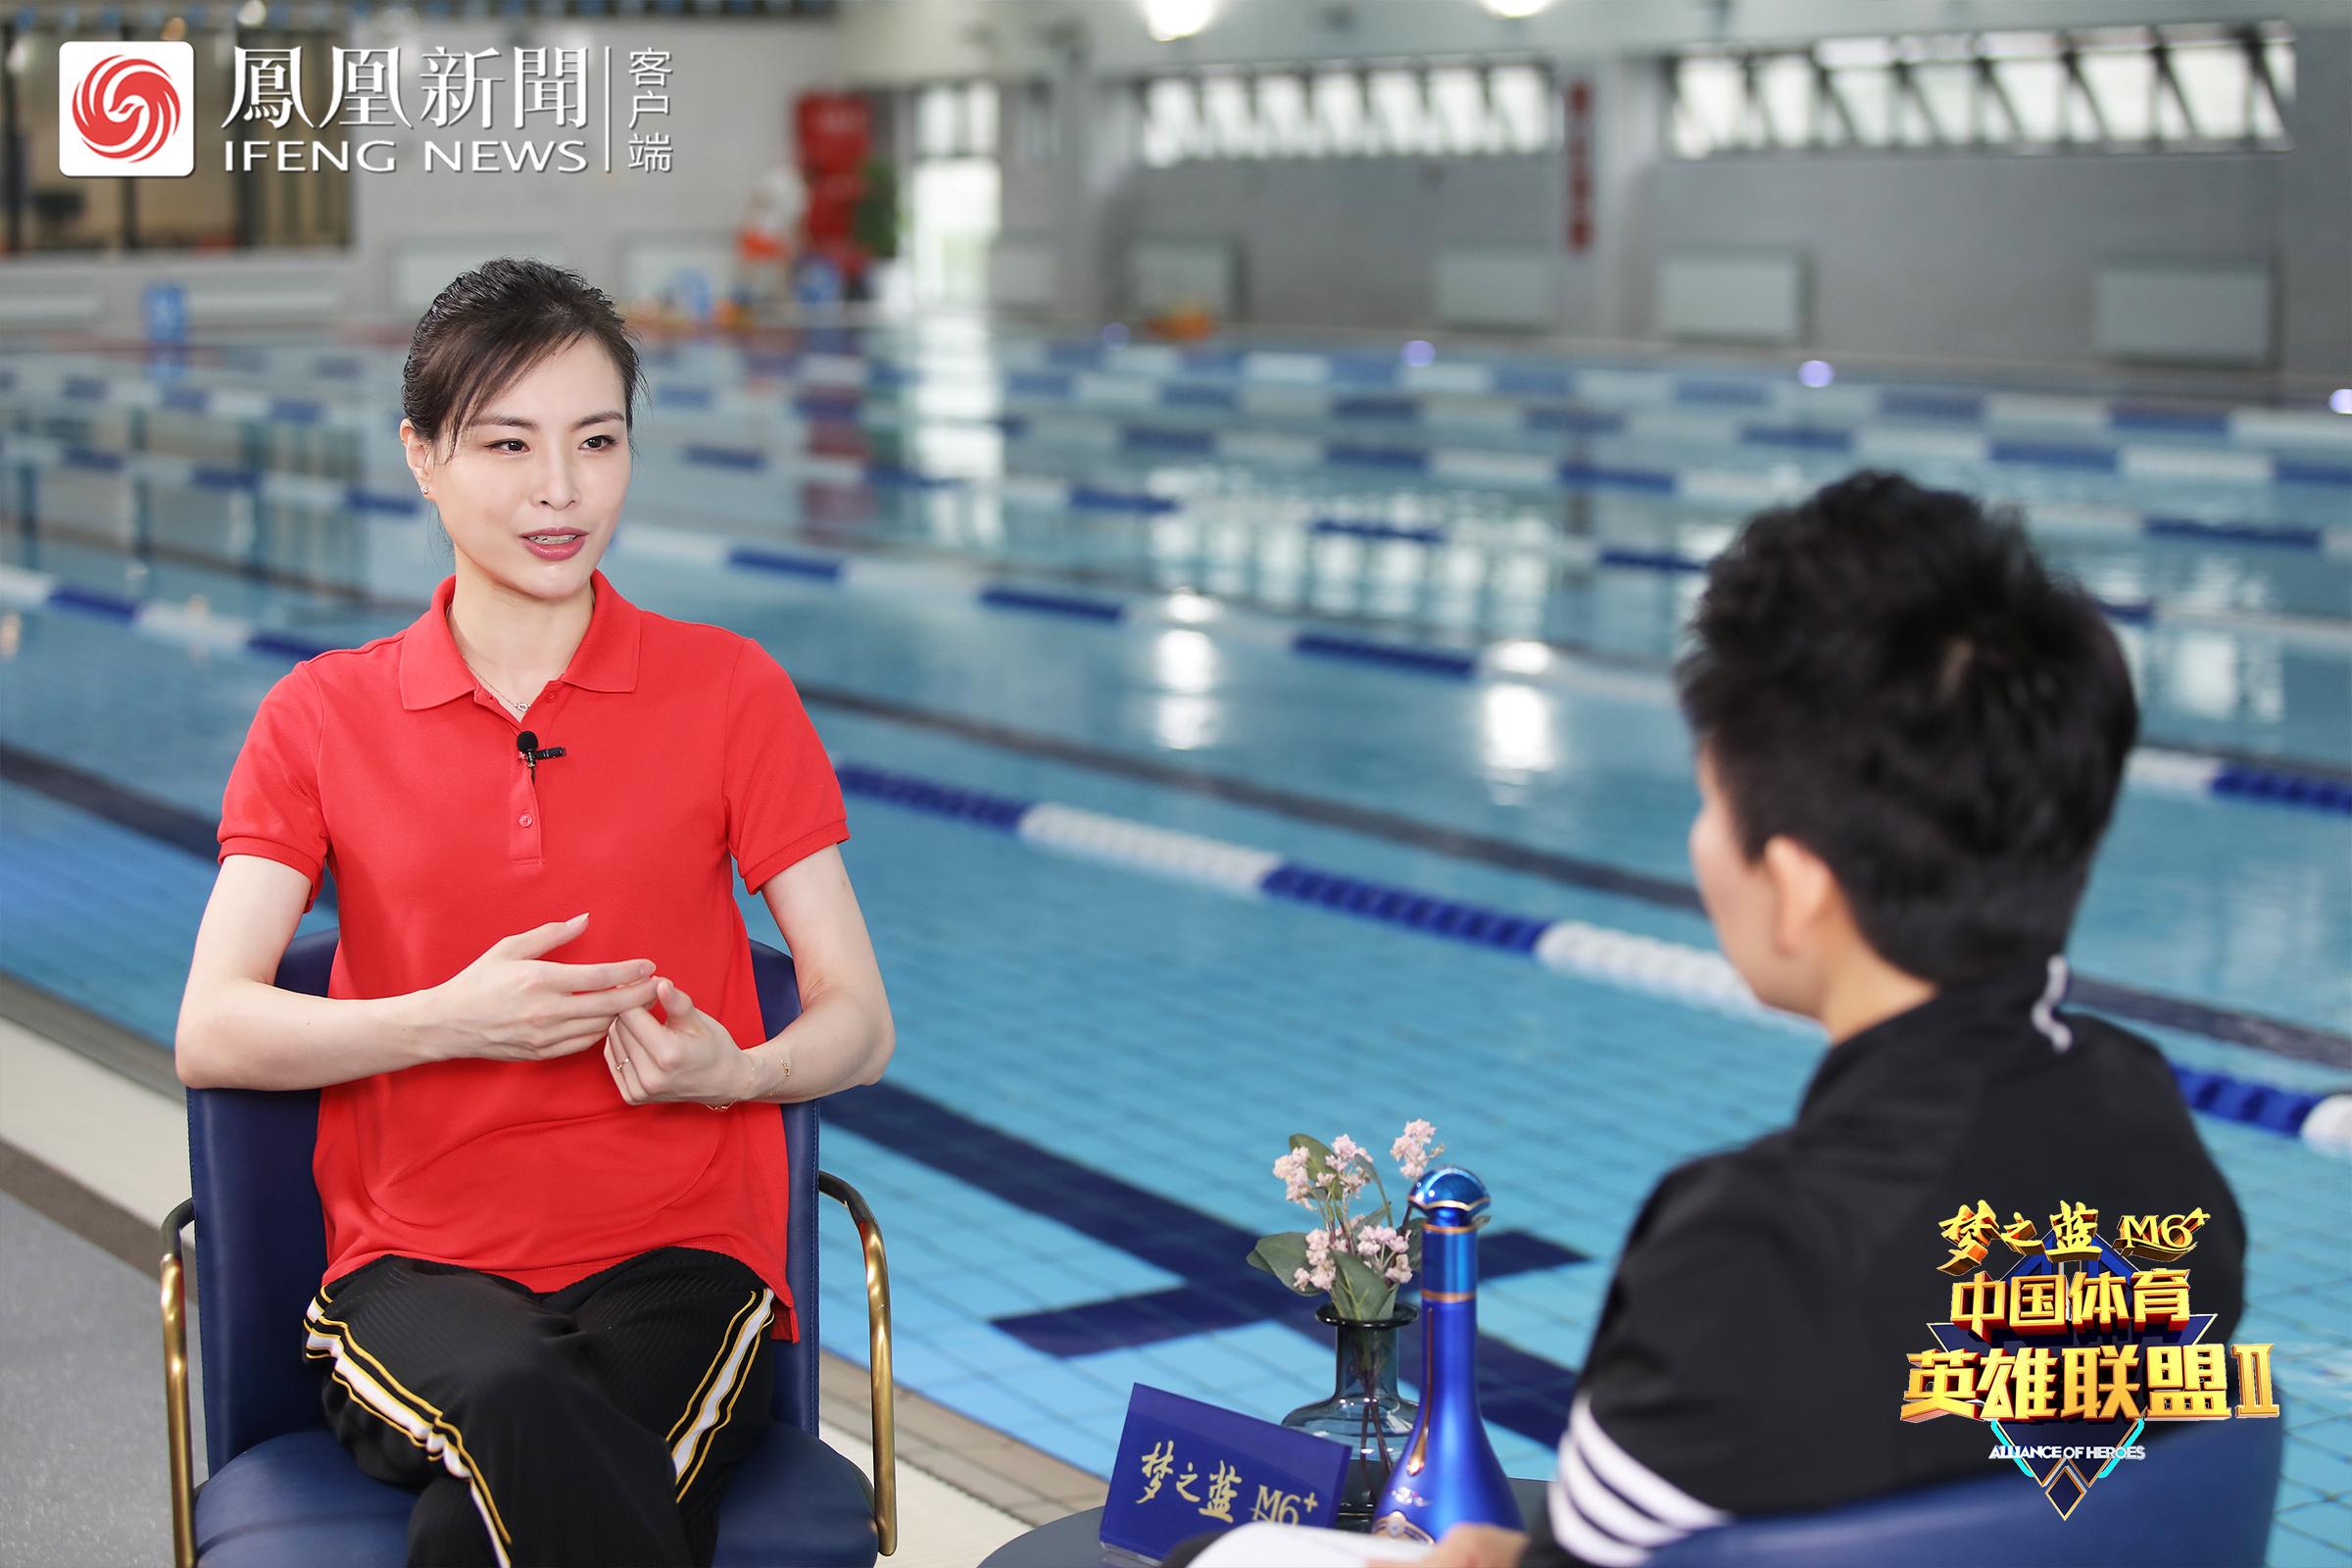 《中国体育英雄联盟》专访吴敏霞:在金子里都能发光的人